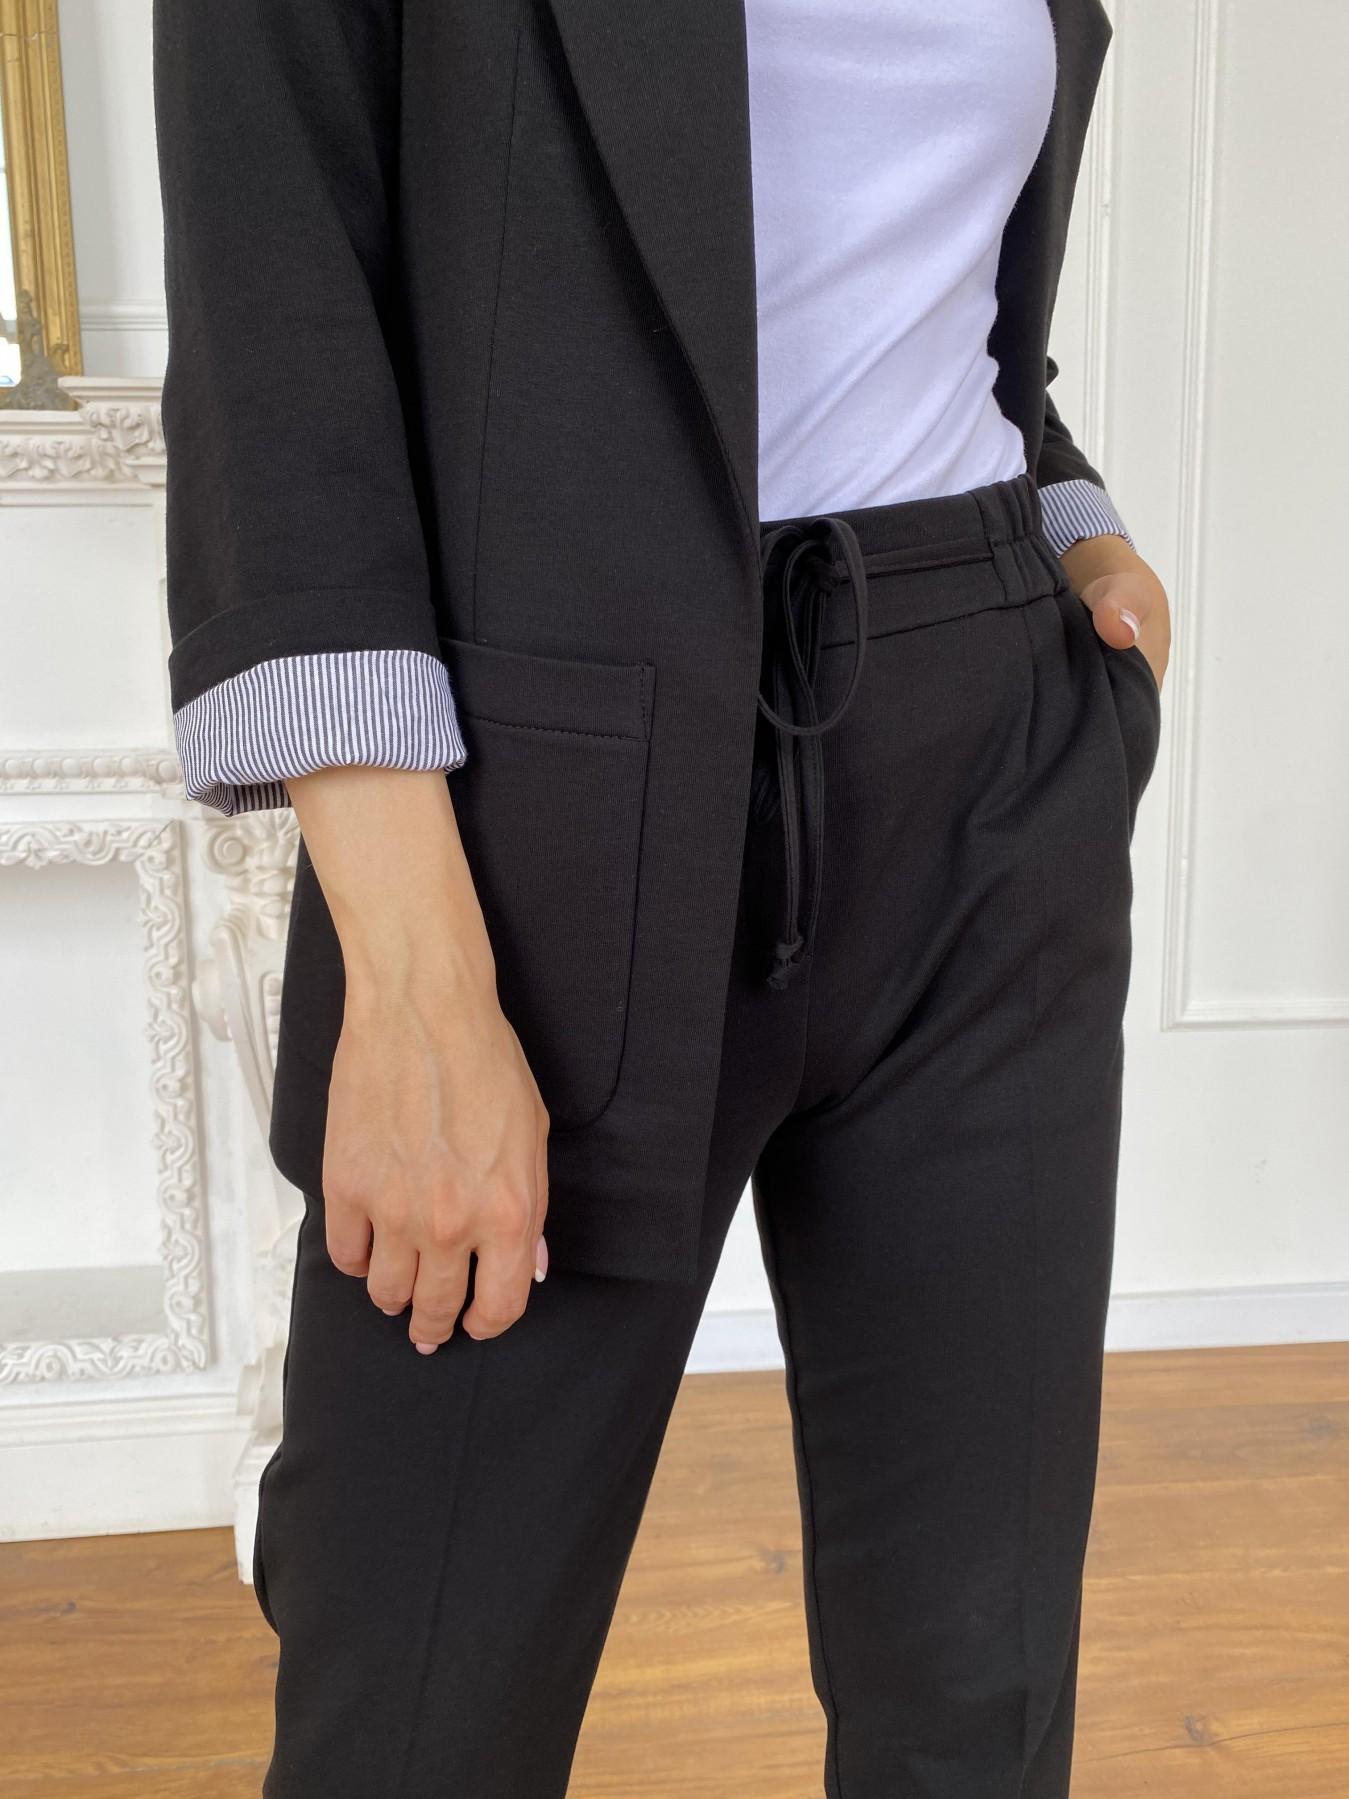 Империал костюм тонкий из  трикотажа двунитка 11572 АРТ. 48295 Цвет: Черный - фото 6, интернет магазин tm-modus.ru